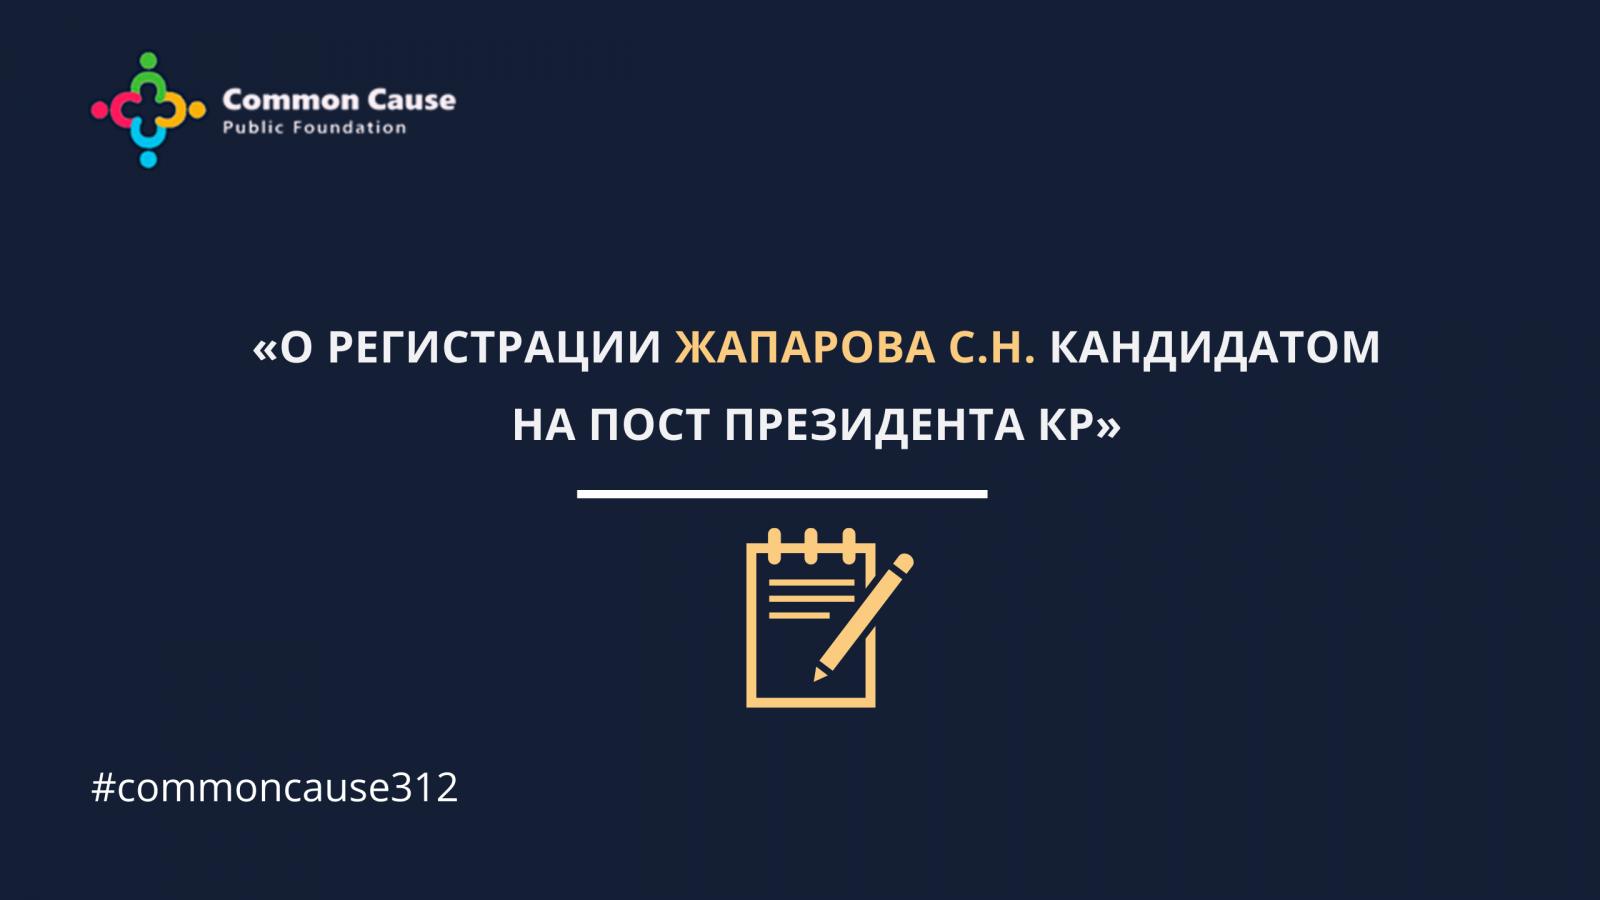 Сегодня мы расскажем об избирательном споре на тему «О регистрации Жапарова С.Н. кандидатом на пост Президента КР»